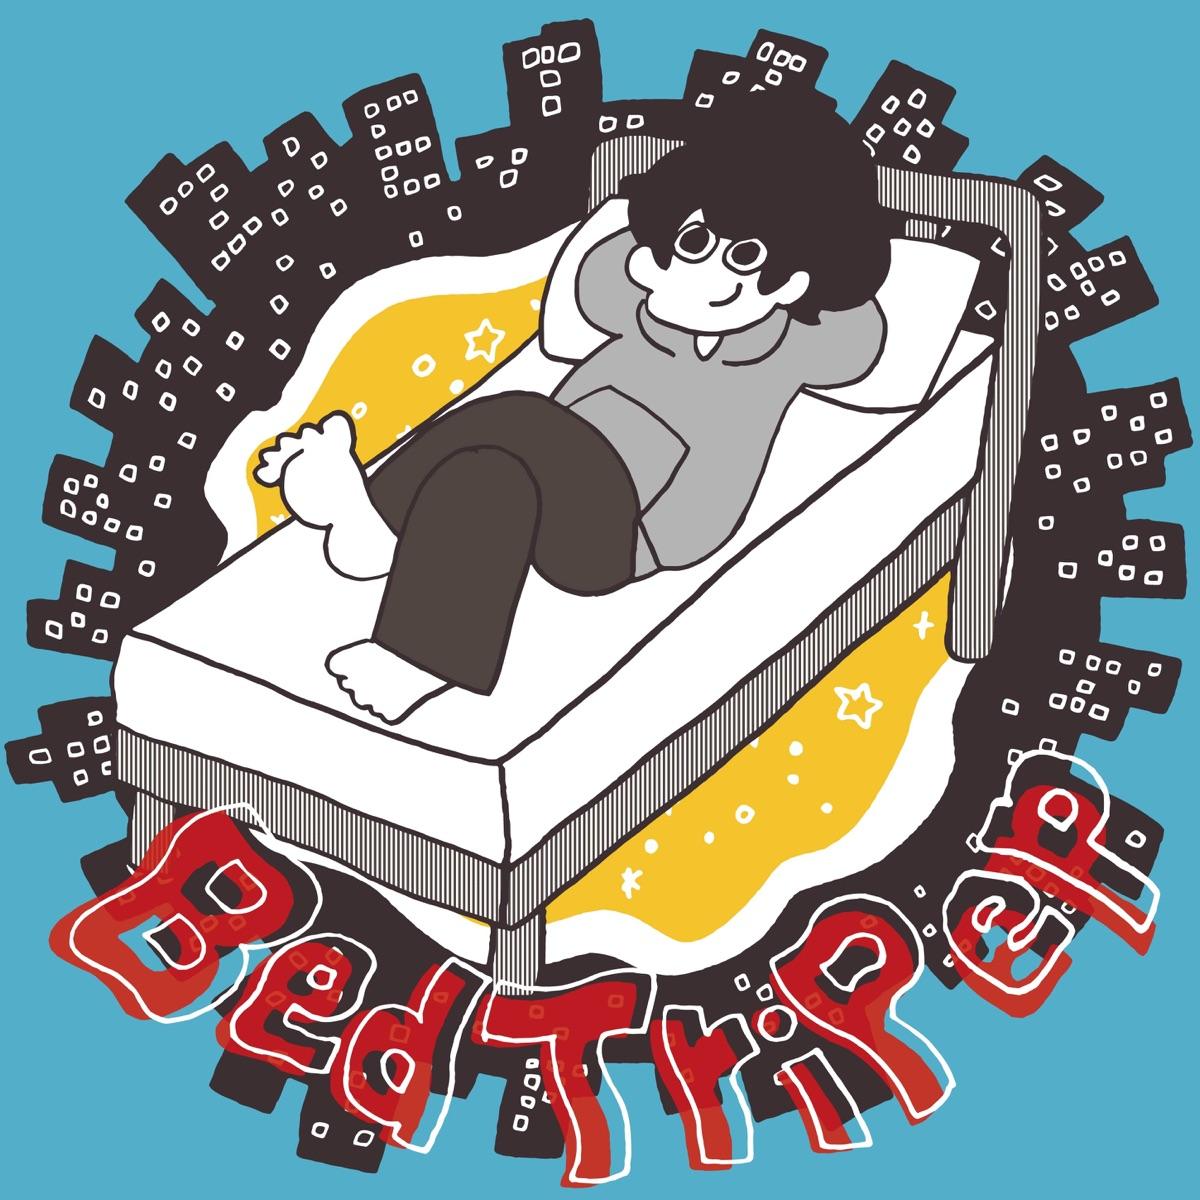 『ぜったくん - Parallel New Days』収録の『Bed TriP ep』ジャケット